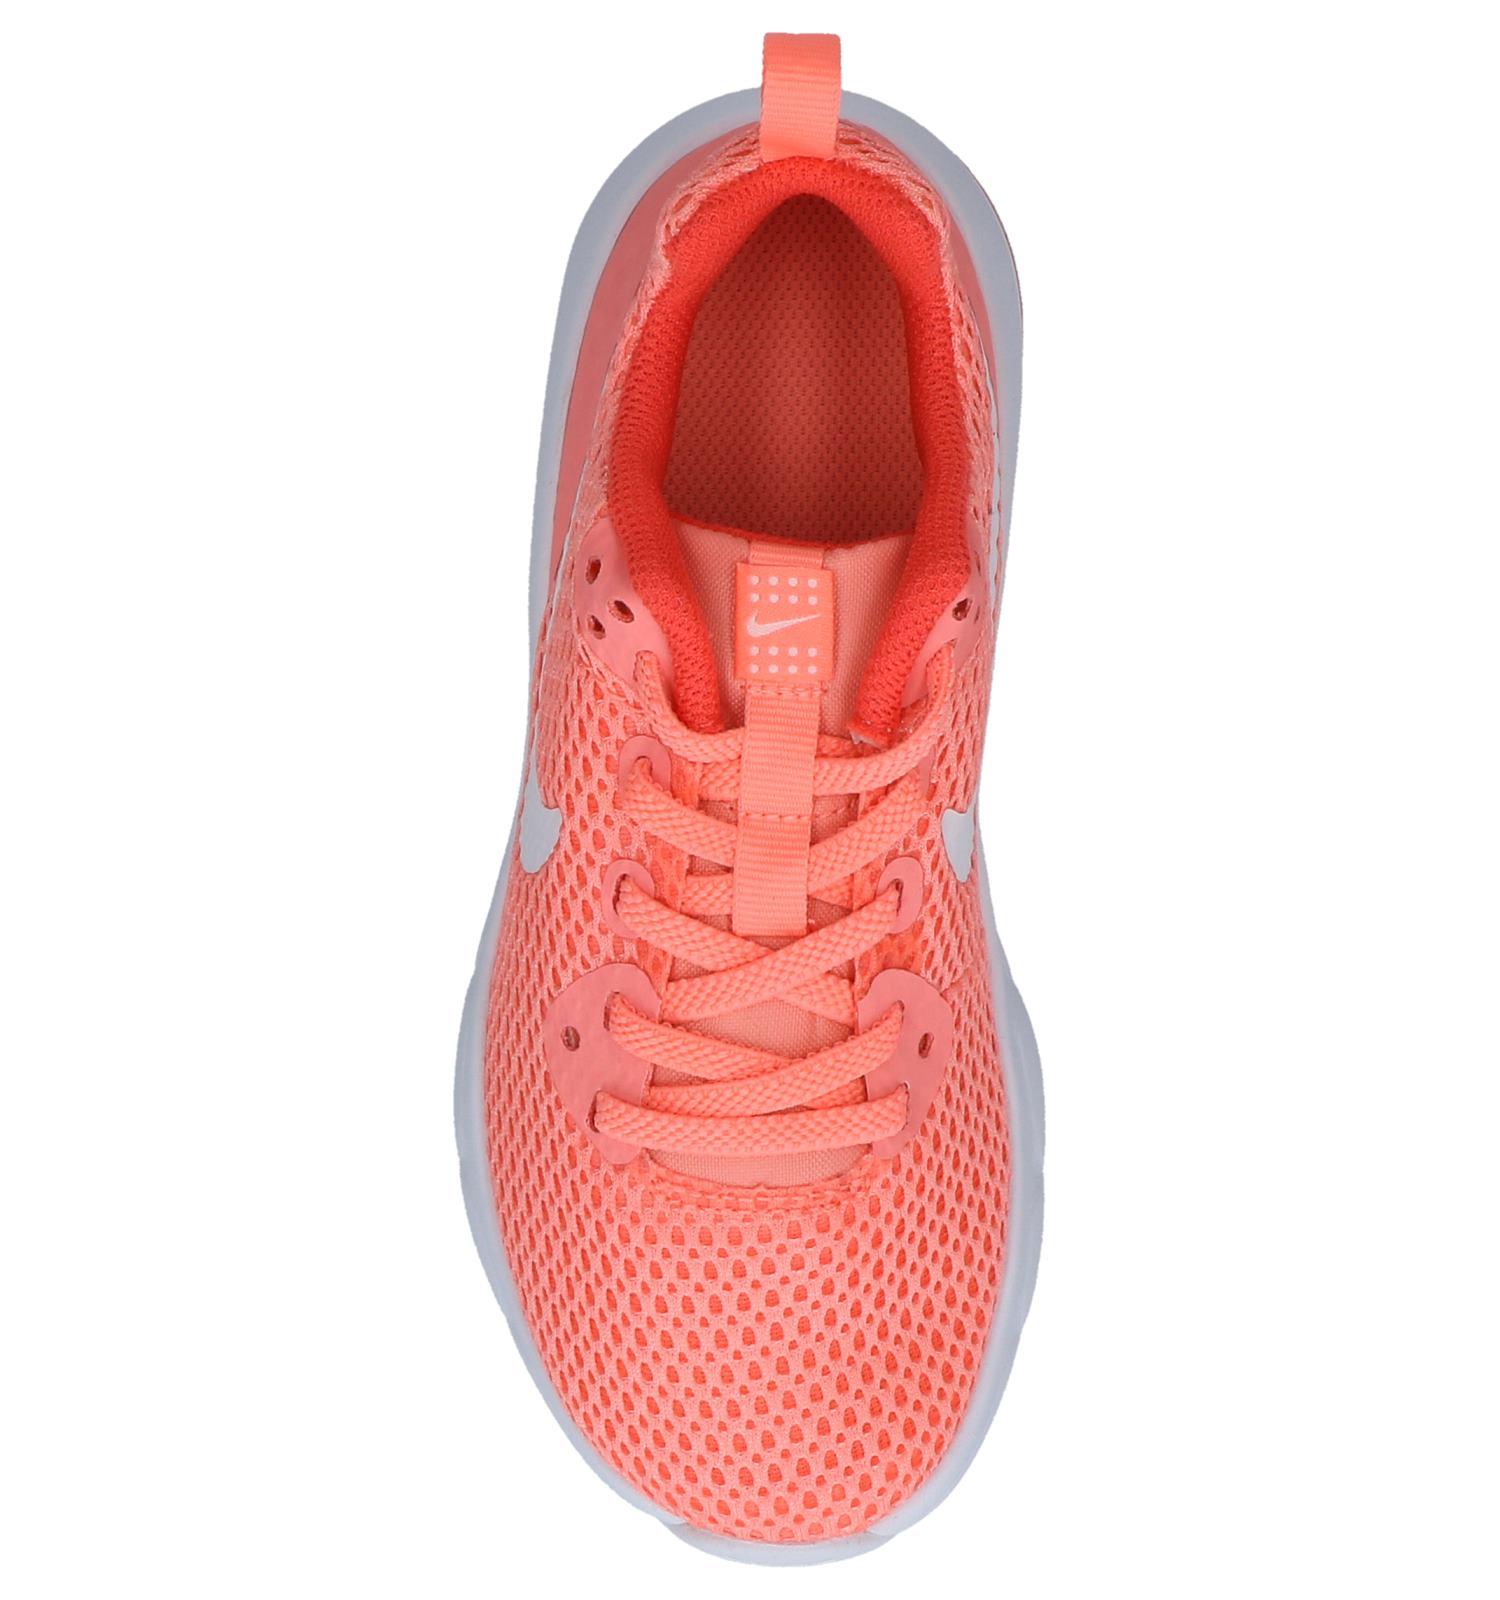 1abab0c84d2 Nike Air Max Motion LW PS Oranje Sneakers   TORFS.BE   Gratis verzend en  retour